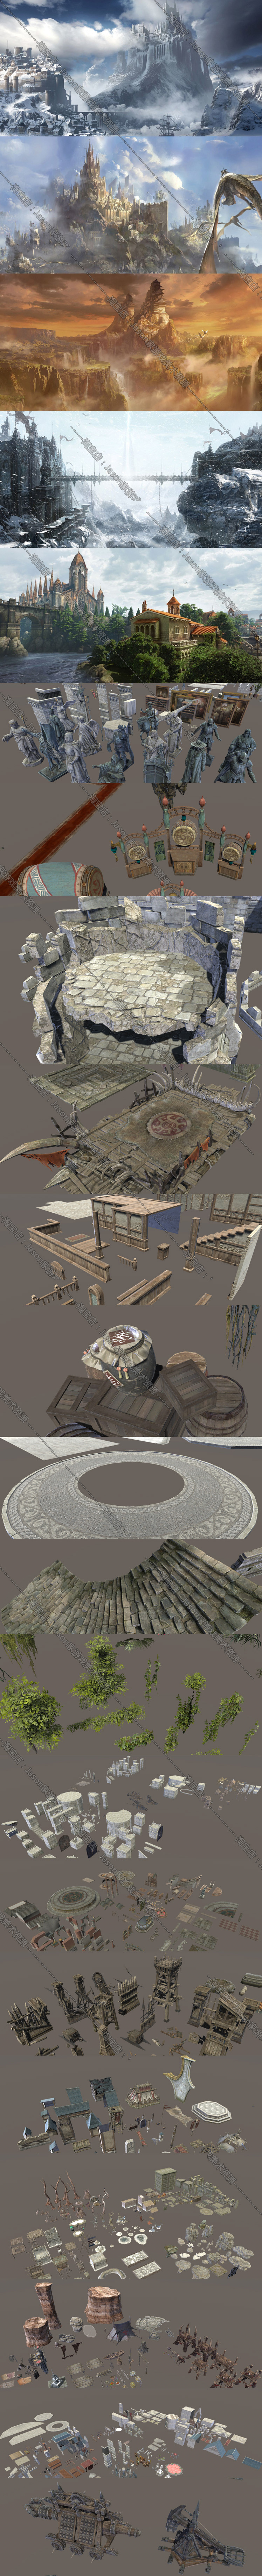 失落方舟全套 3D次世代场 模型 资源 素材 unity fbx